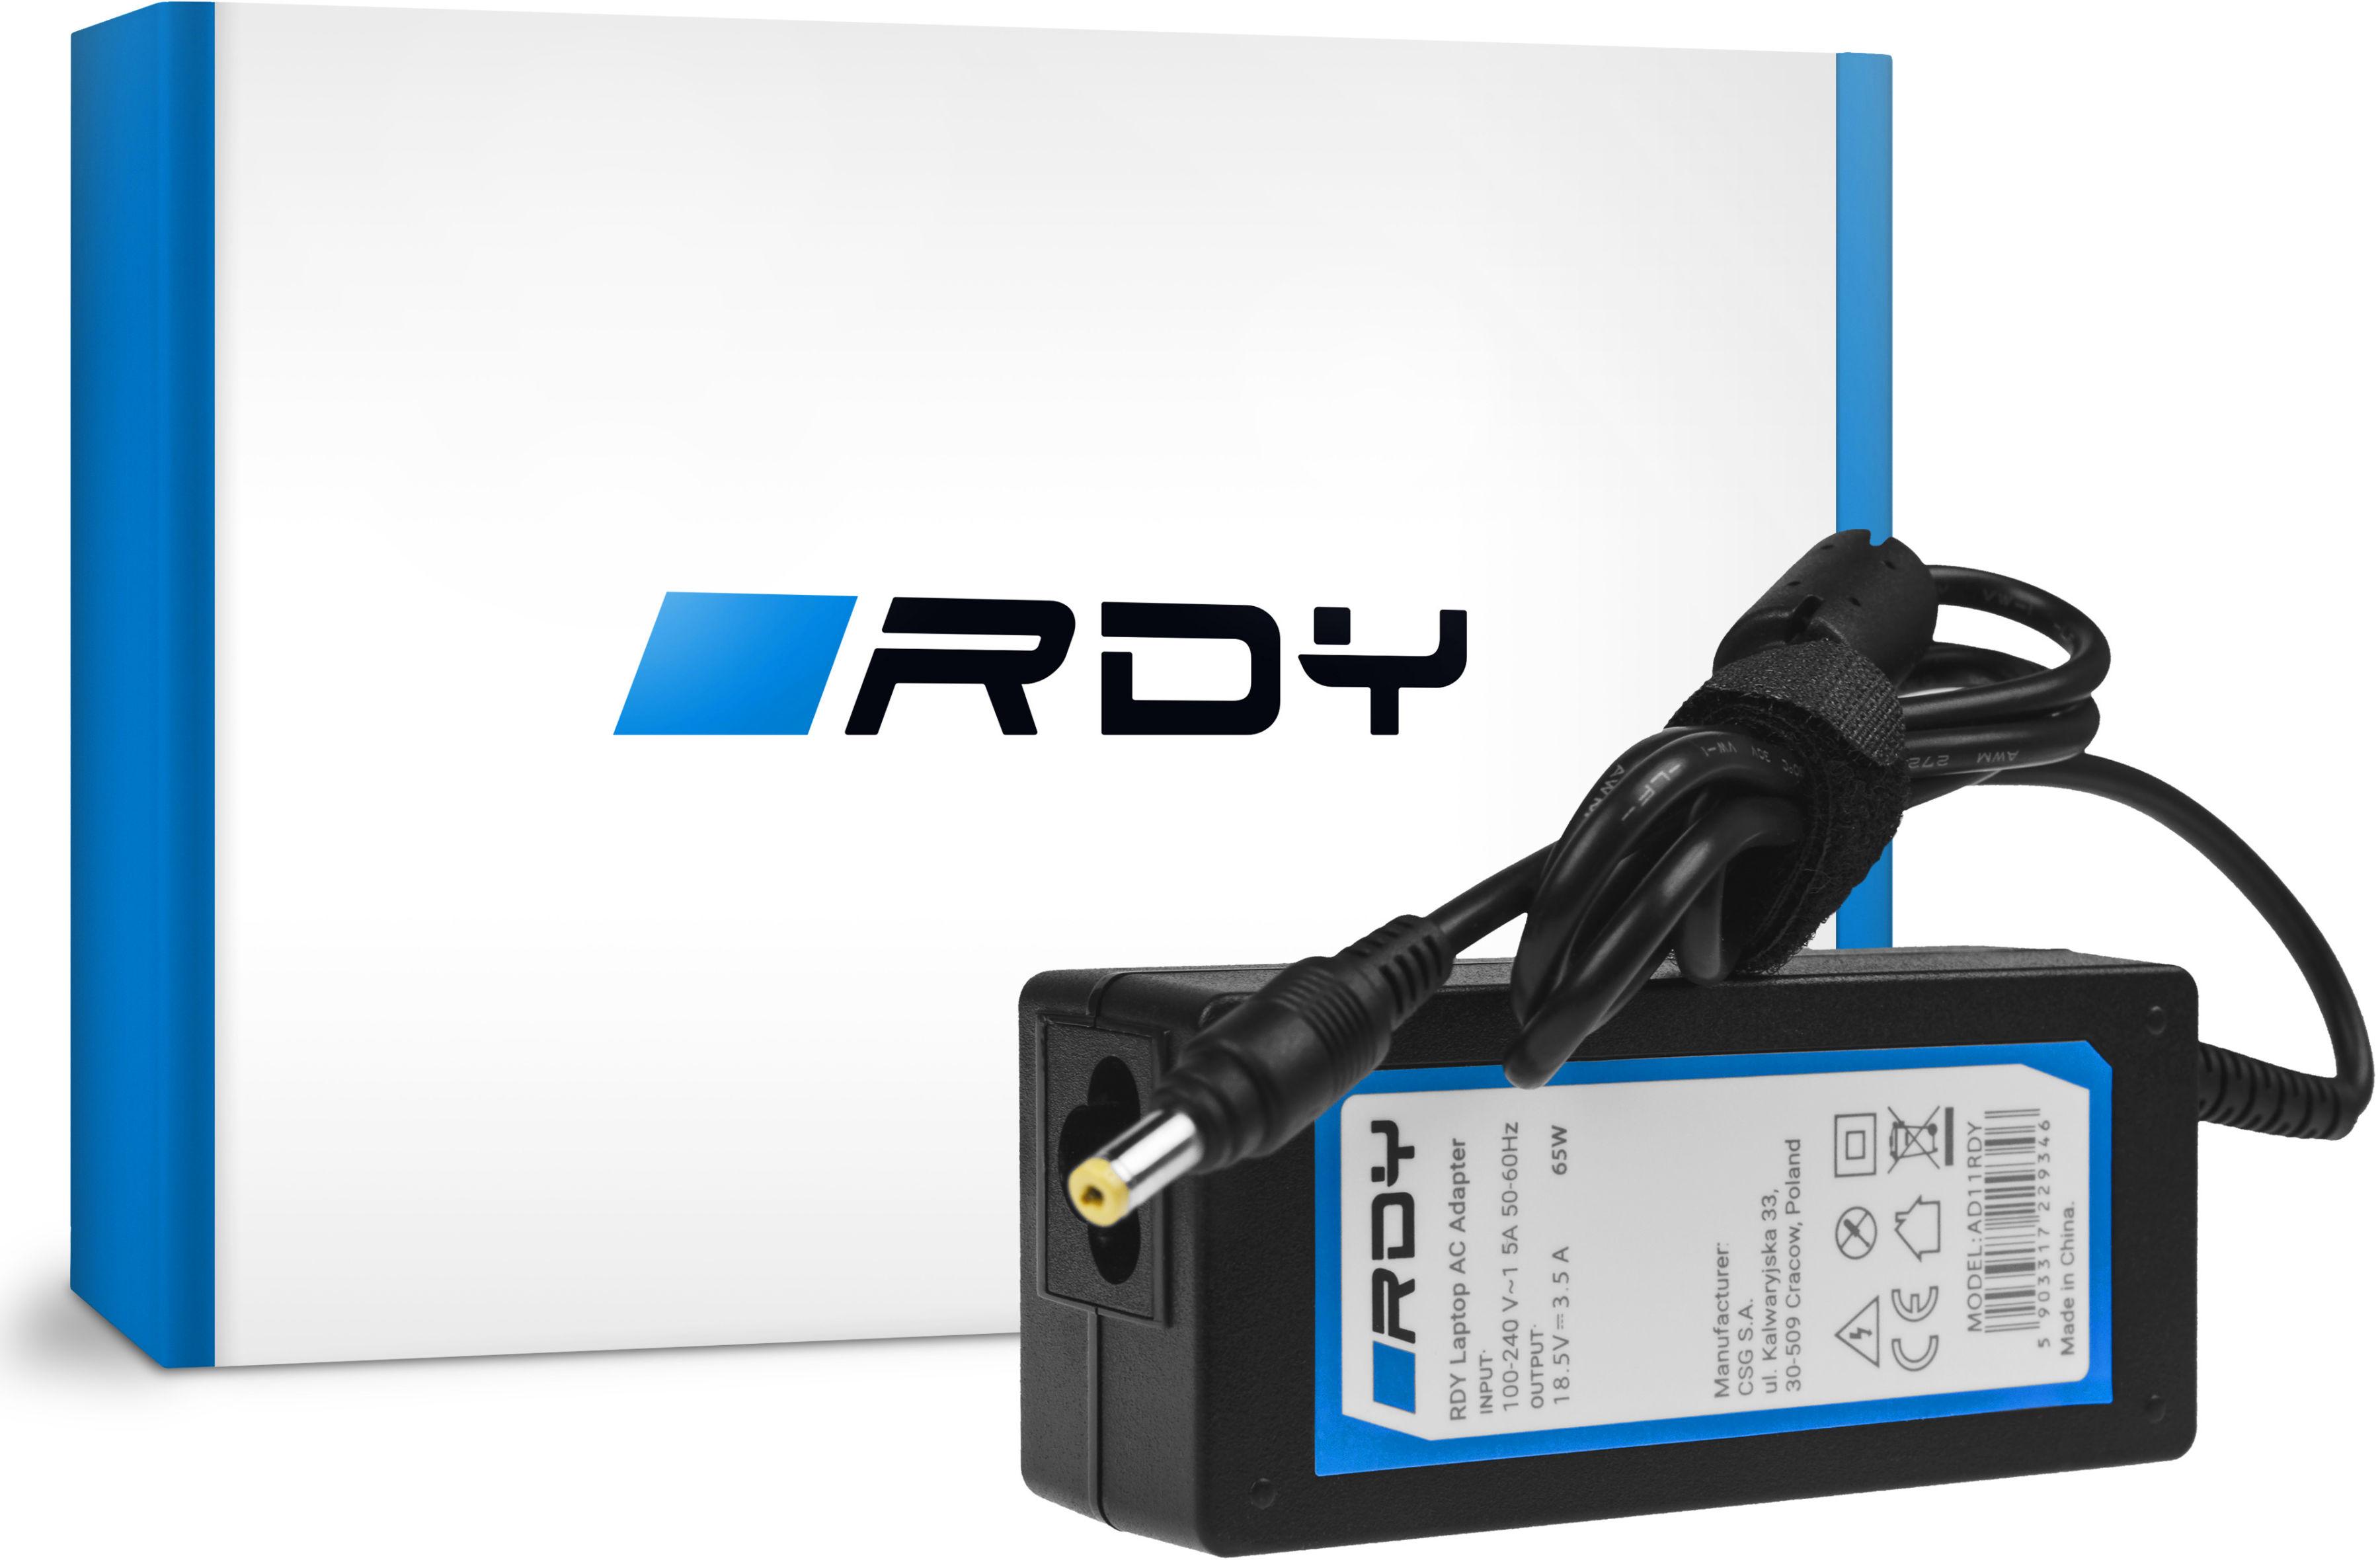 Zasilacz Ładowarka RDY 18.5V 3.5A 65W do HP Pavilion DV2000 DV6000 DV8000 Compaq 6730b 6735b nc6120 nc6220 nx6110